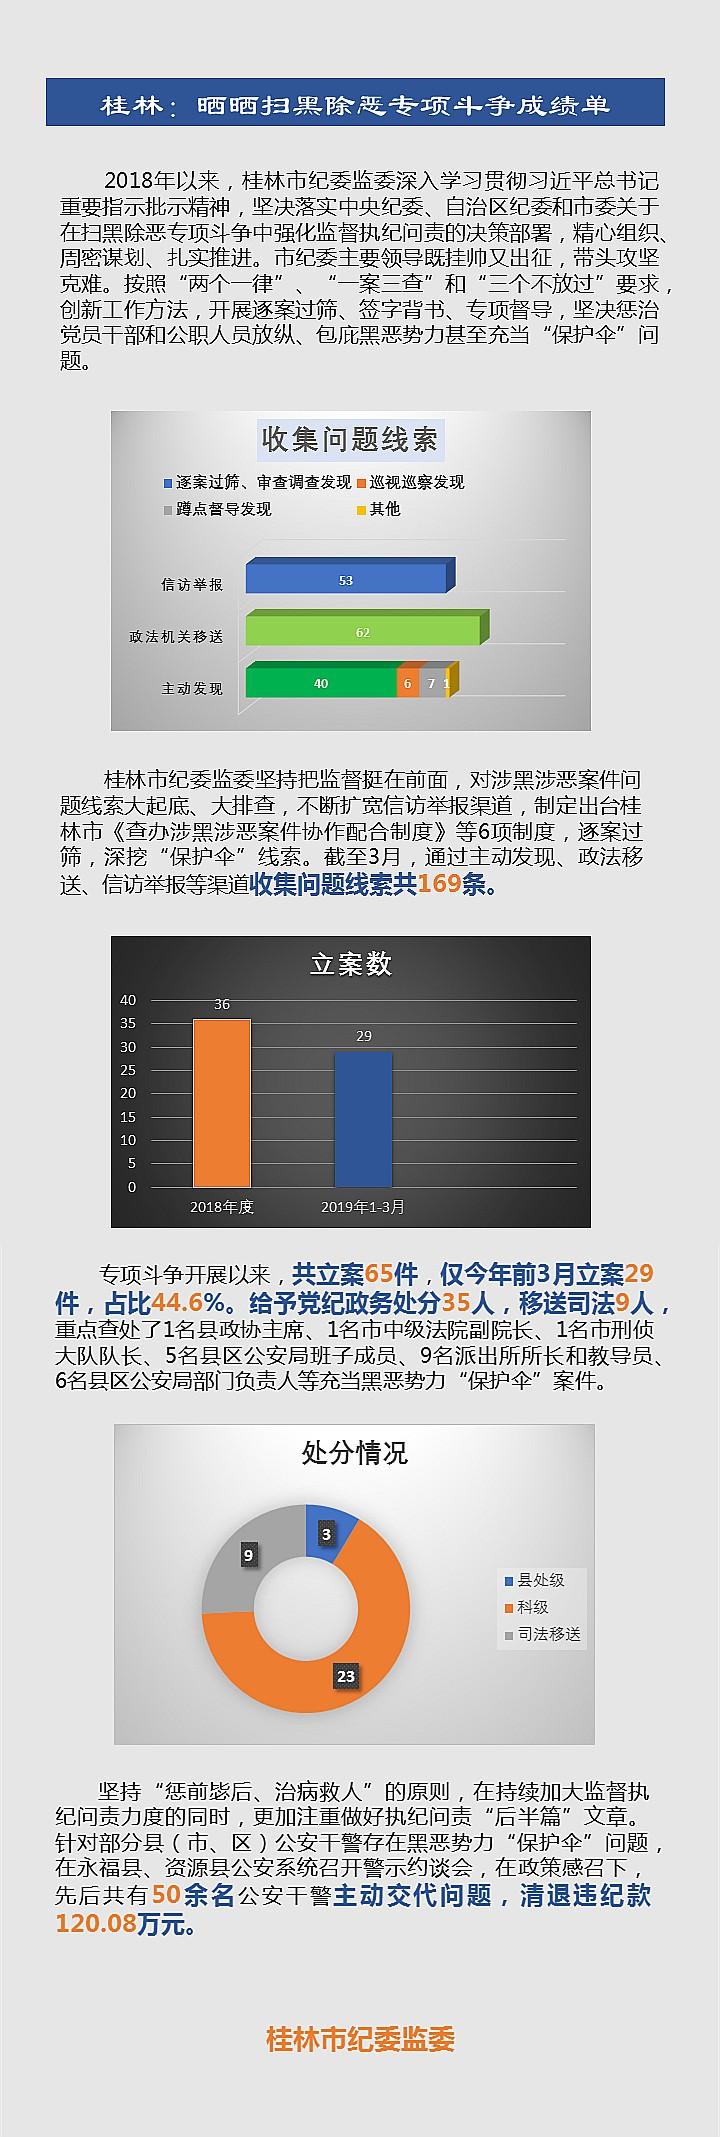 桂林:晒晒扫黑除恶专项斗争成绩单